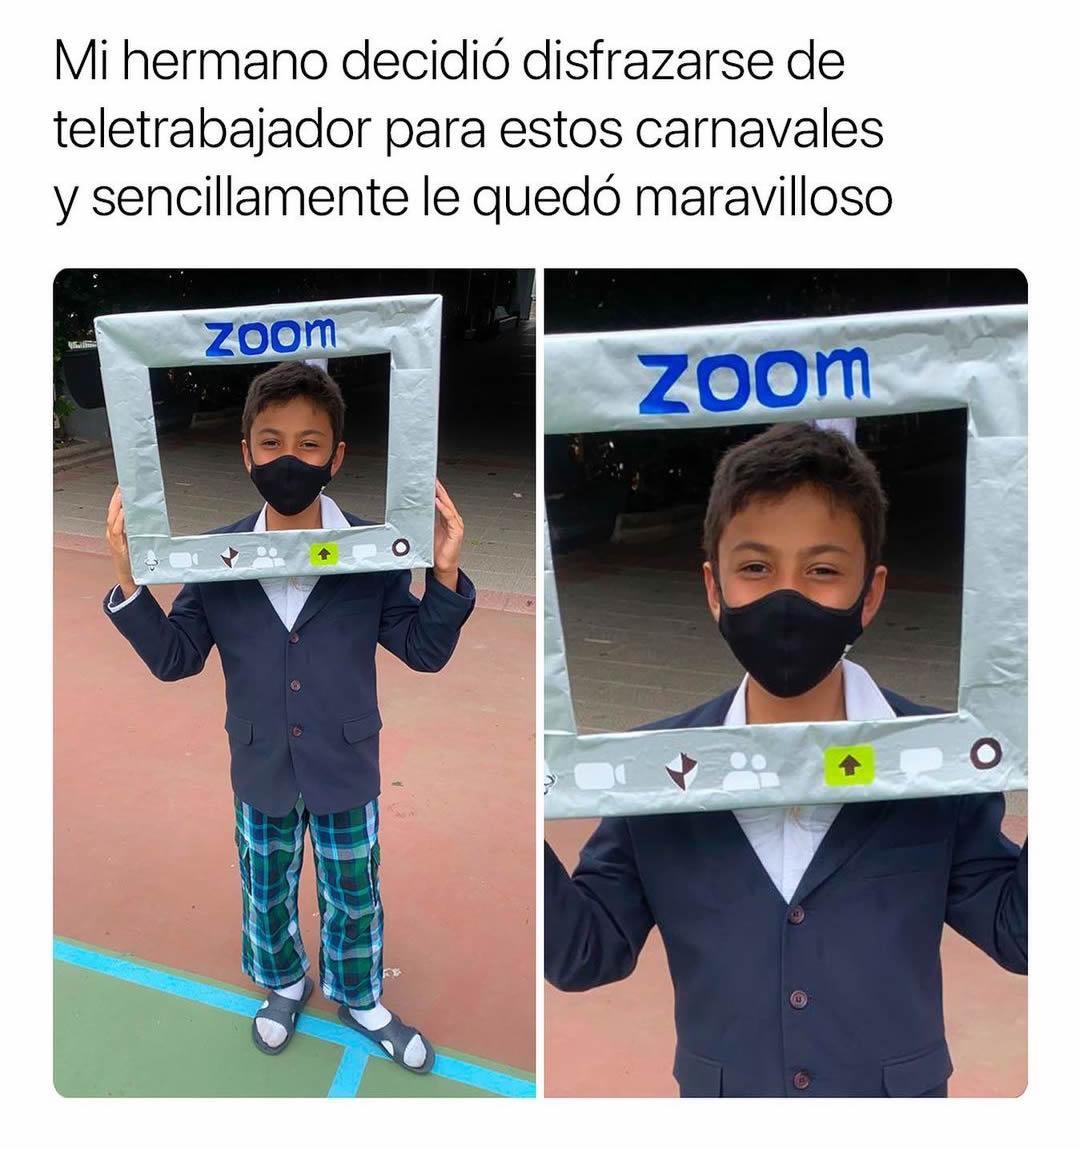 Mi hermano decidió disfrazarse de teletrabajador para estos carnavales y sencillamente le quedó maravilloso: Zoom.